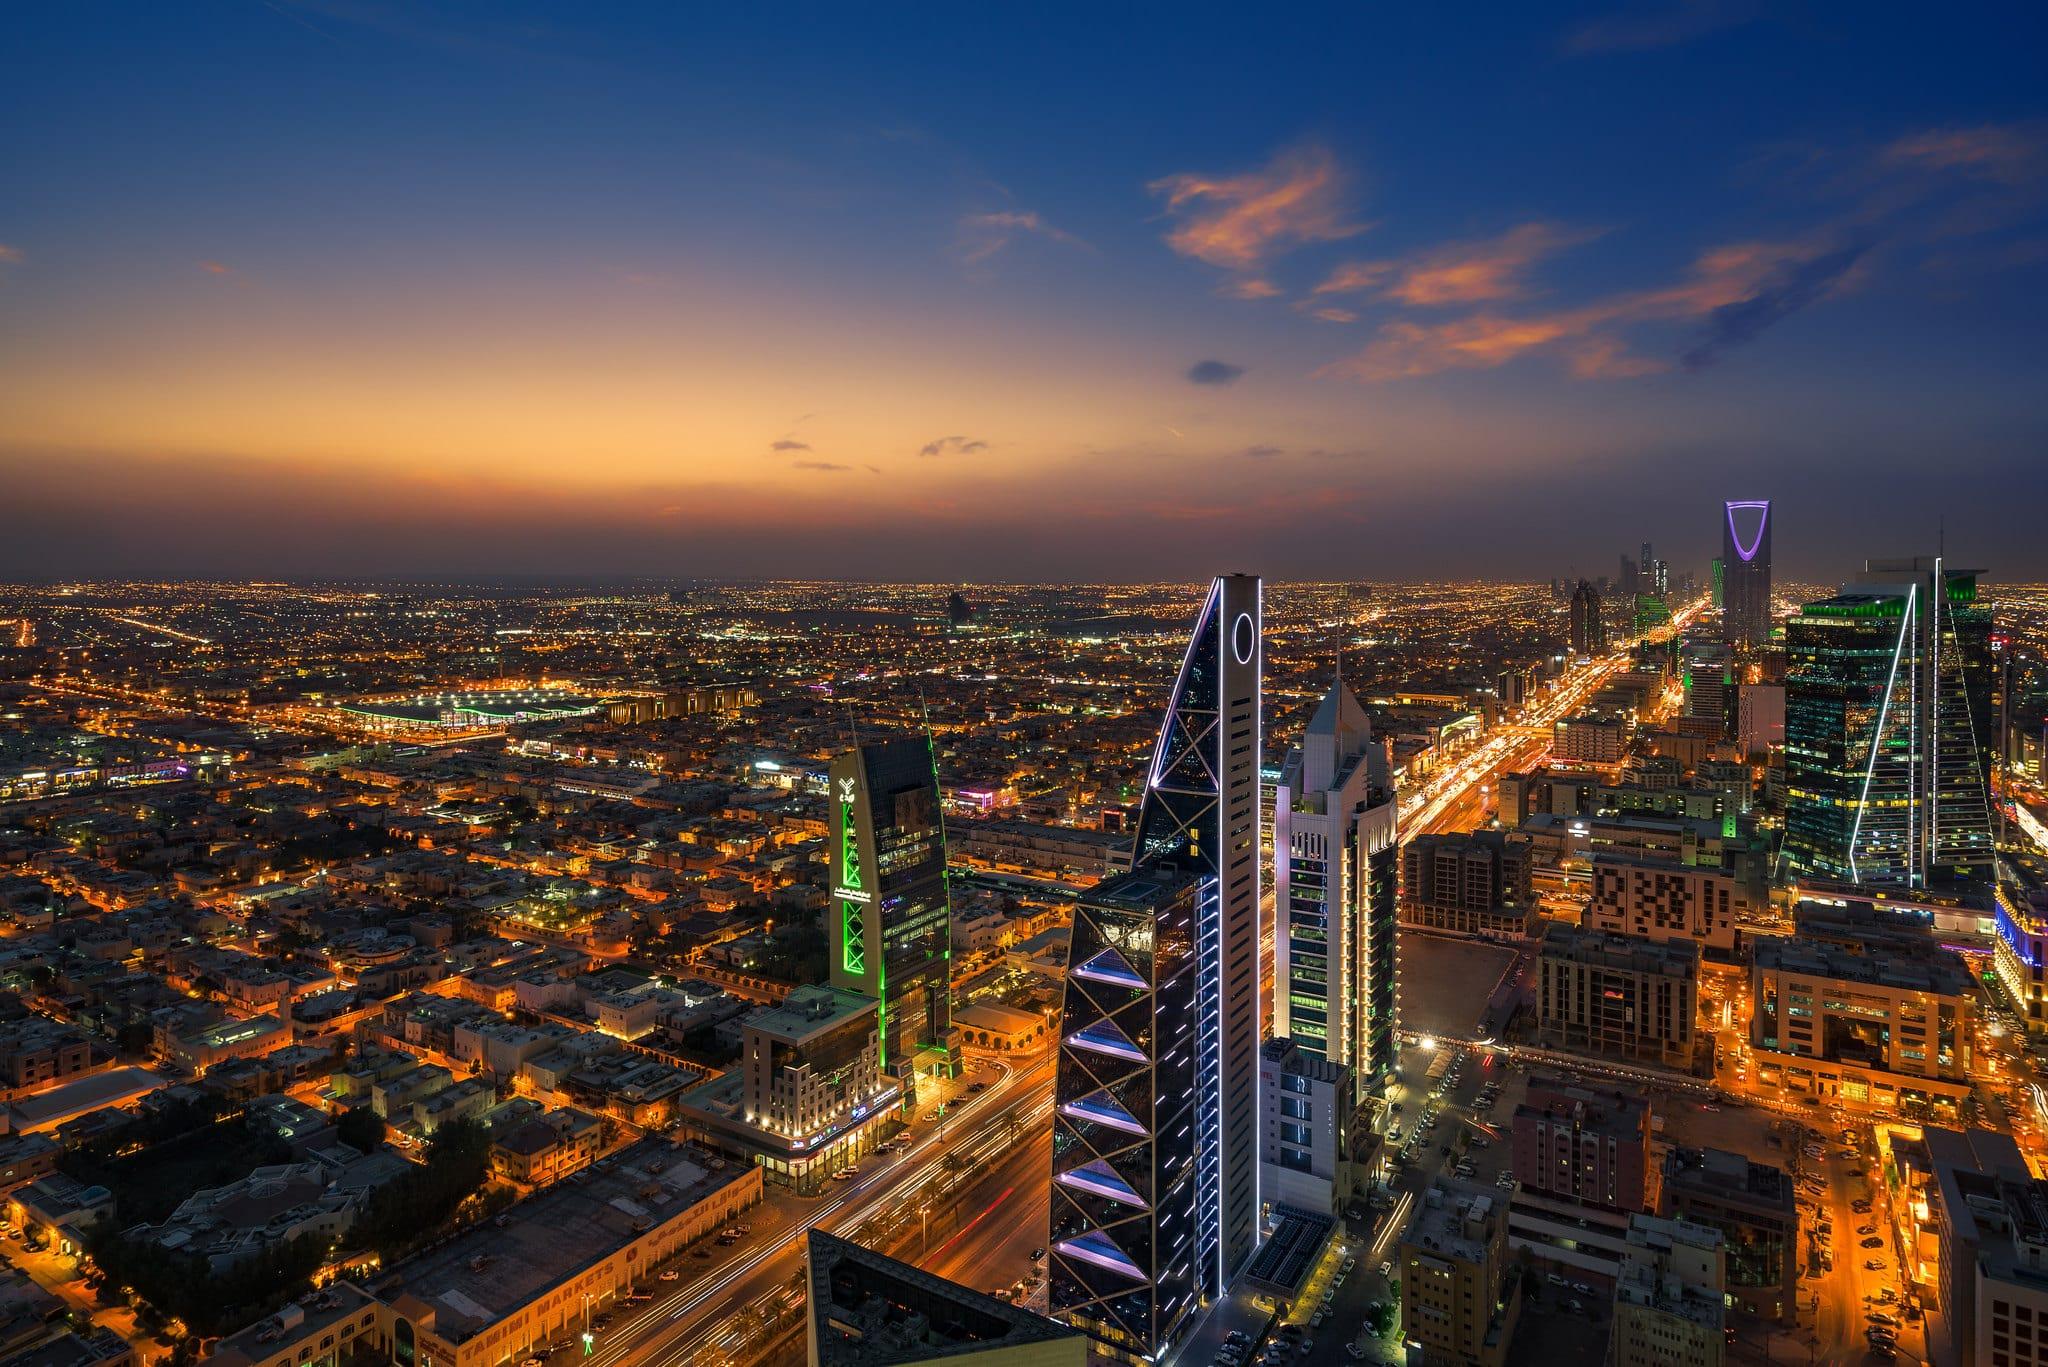 साउदी अरबले कफला प्रणाली हटाउँदै,श्रमिकलाई फाइदा